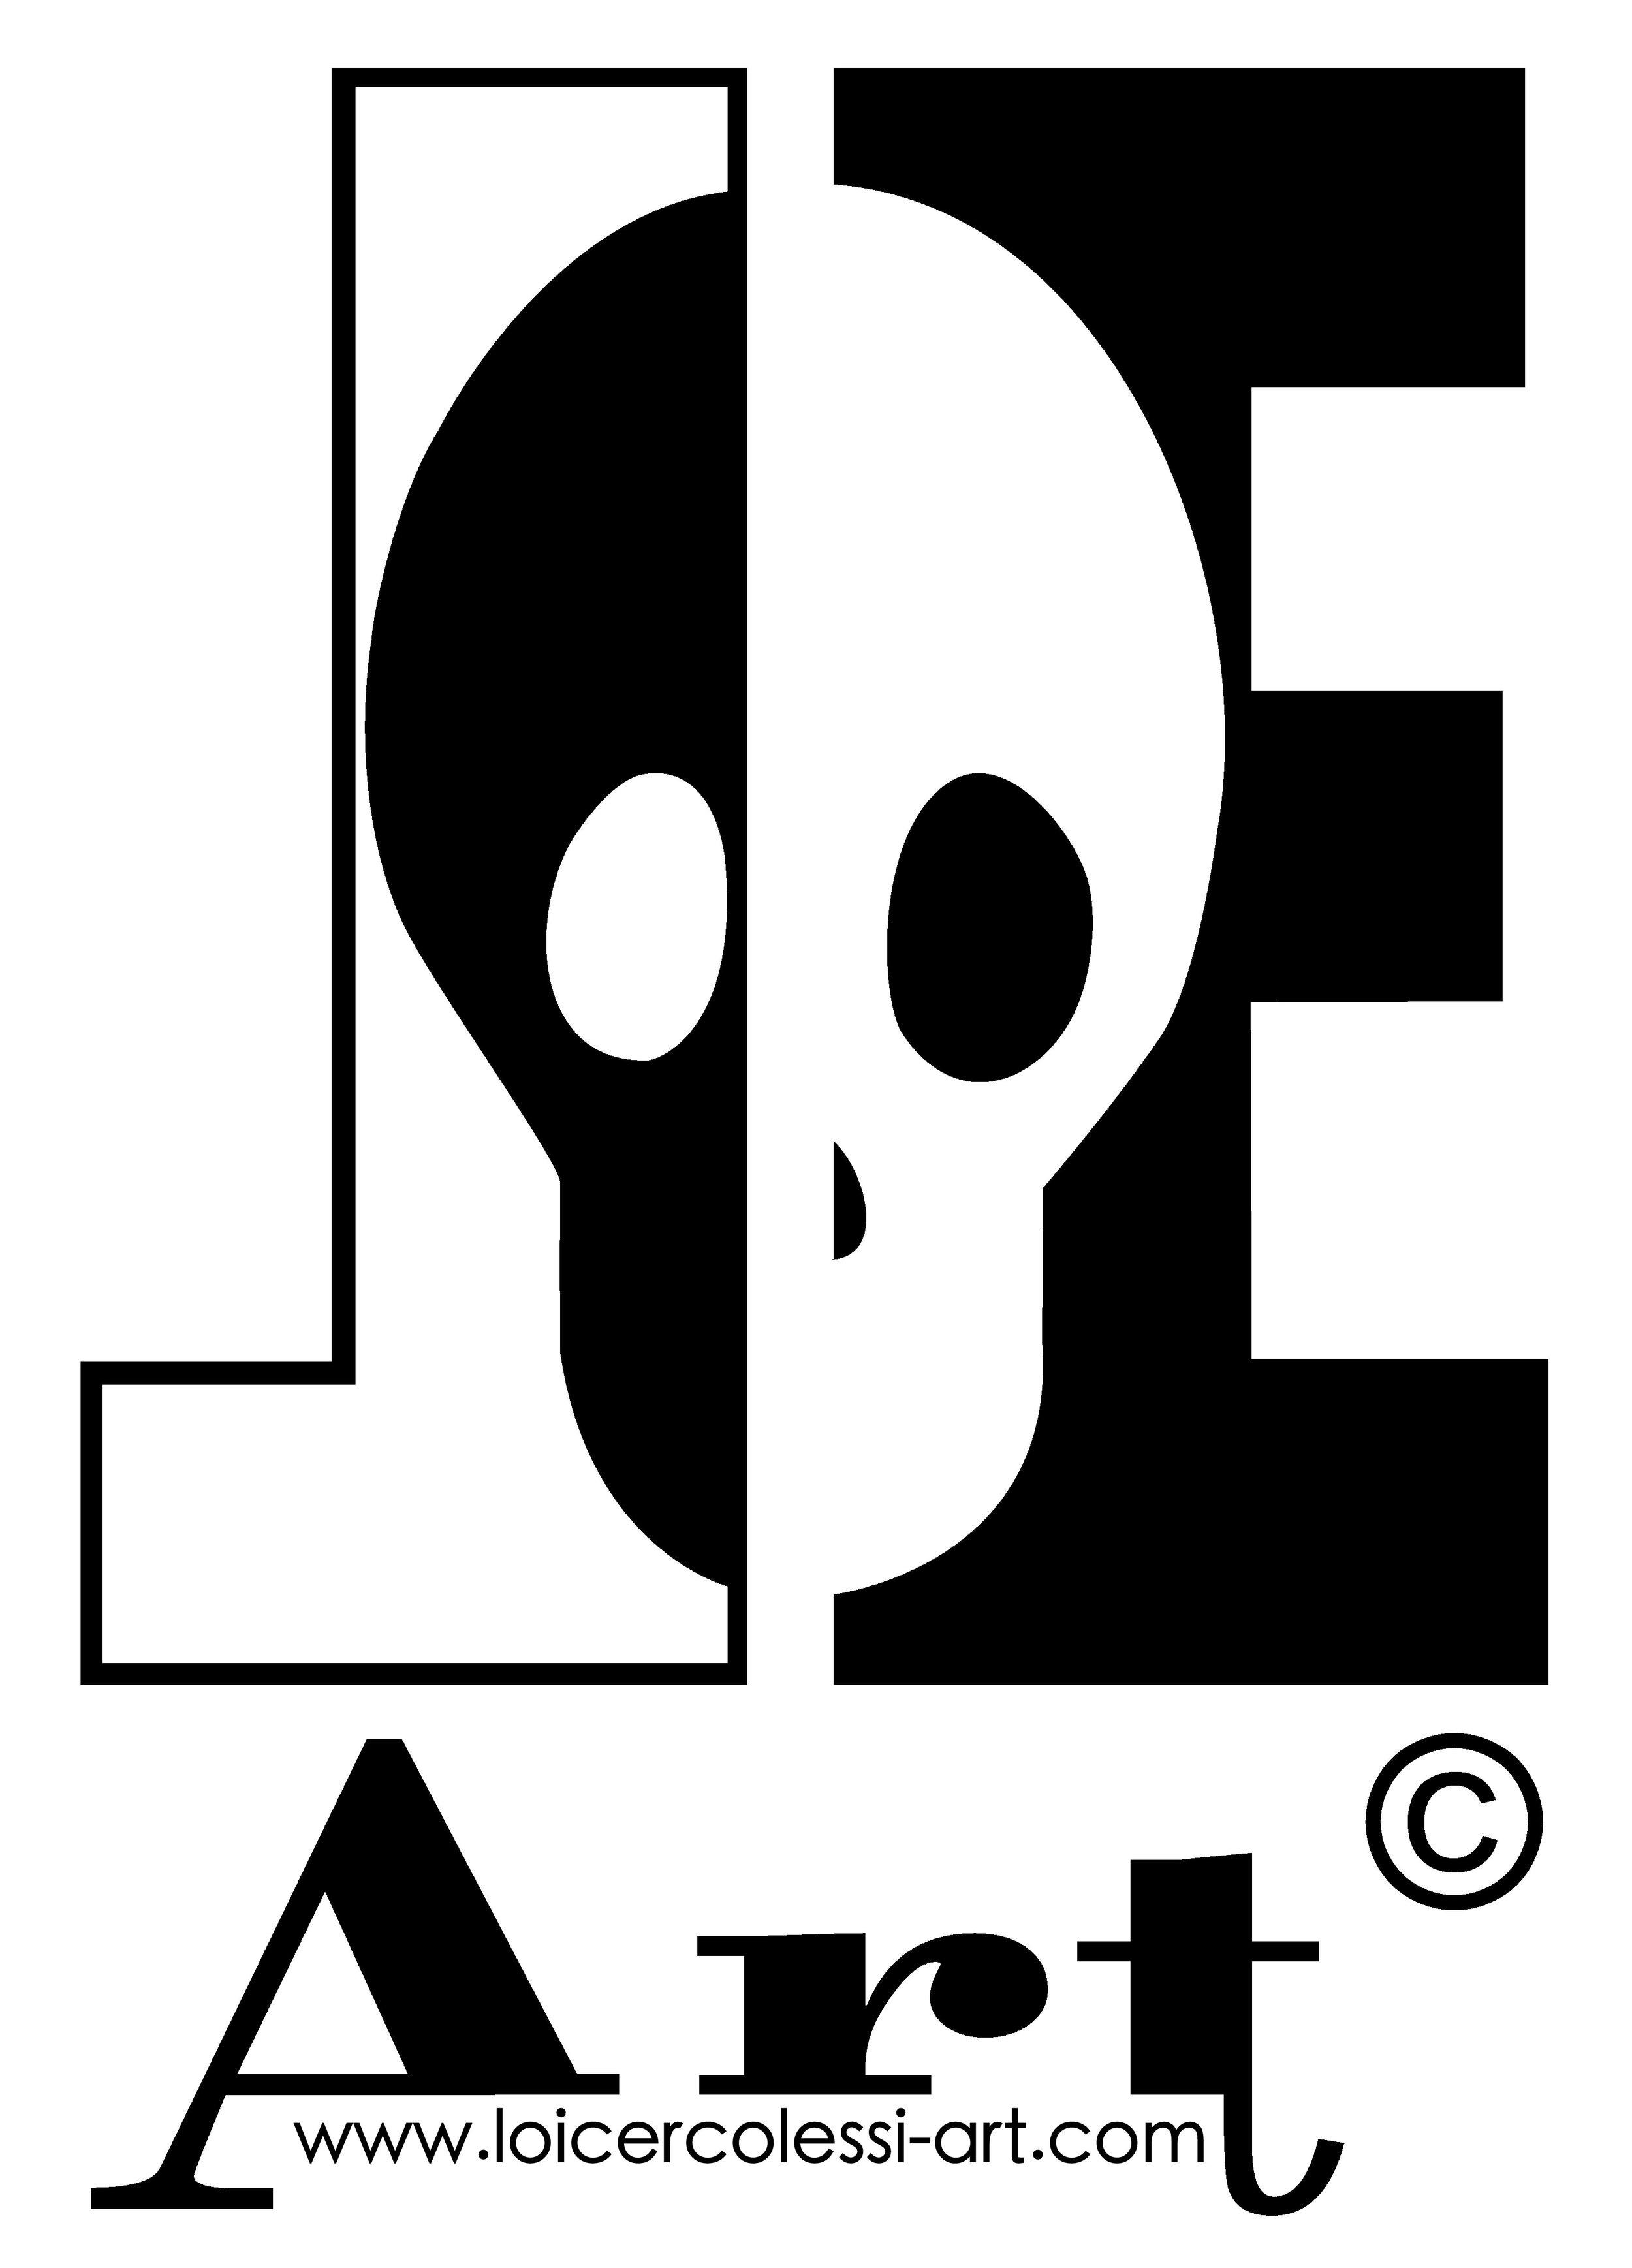 L.E art noir.jpg